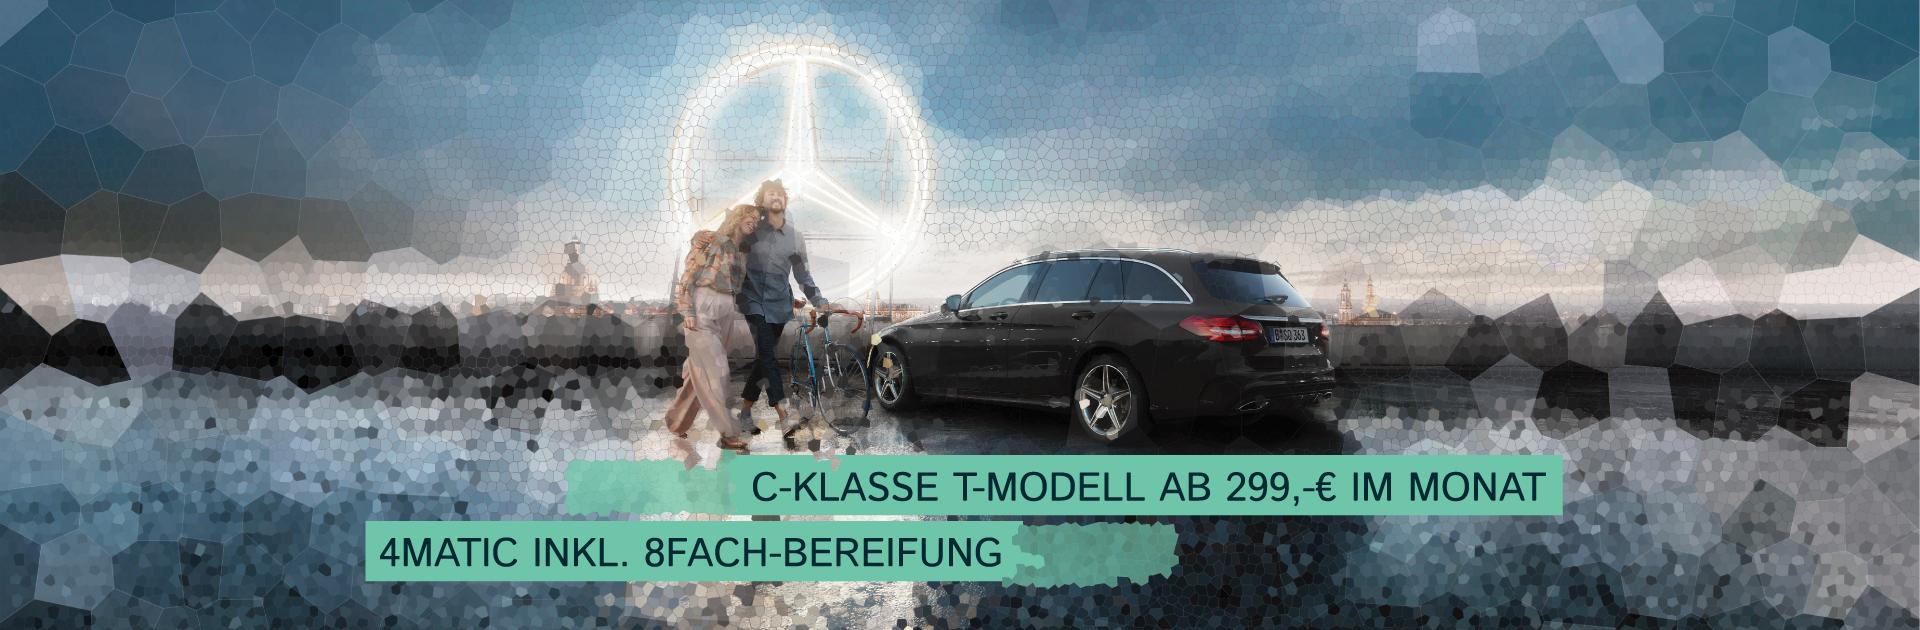 Autohaus Max Schultz Aktion Macher machen weiter Transporter Abverkauf